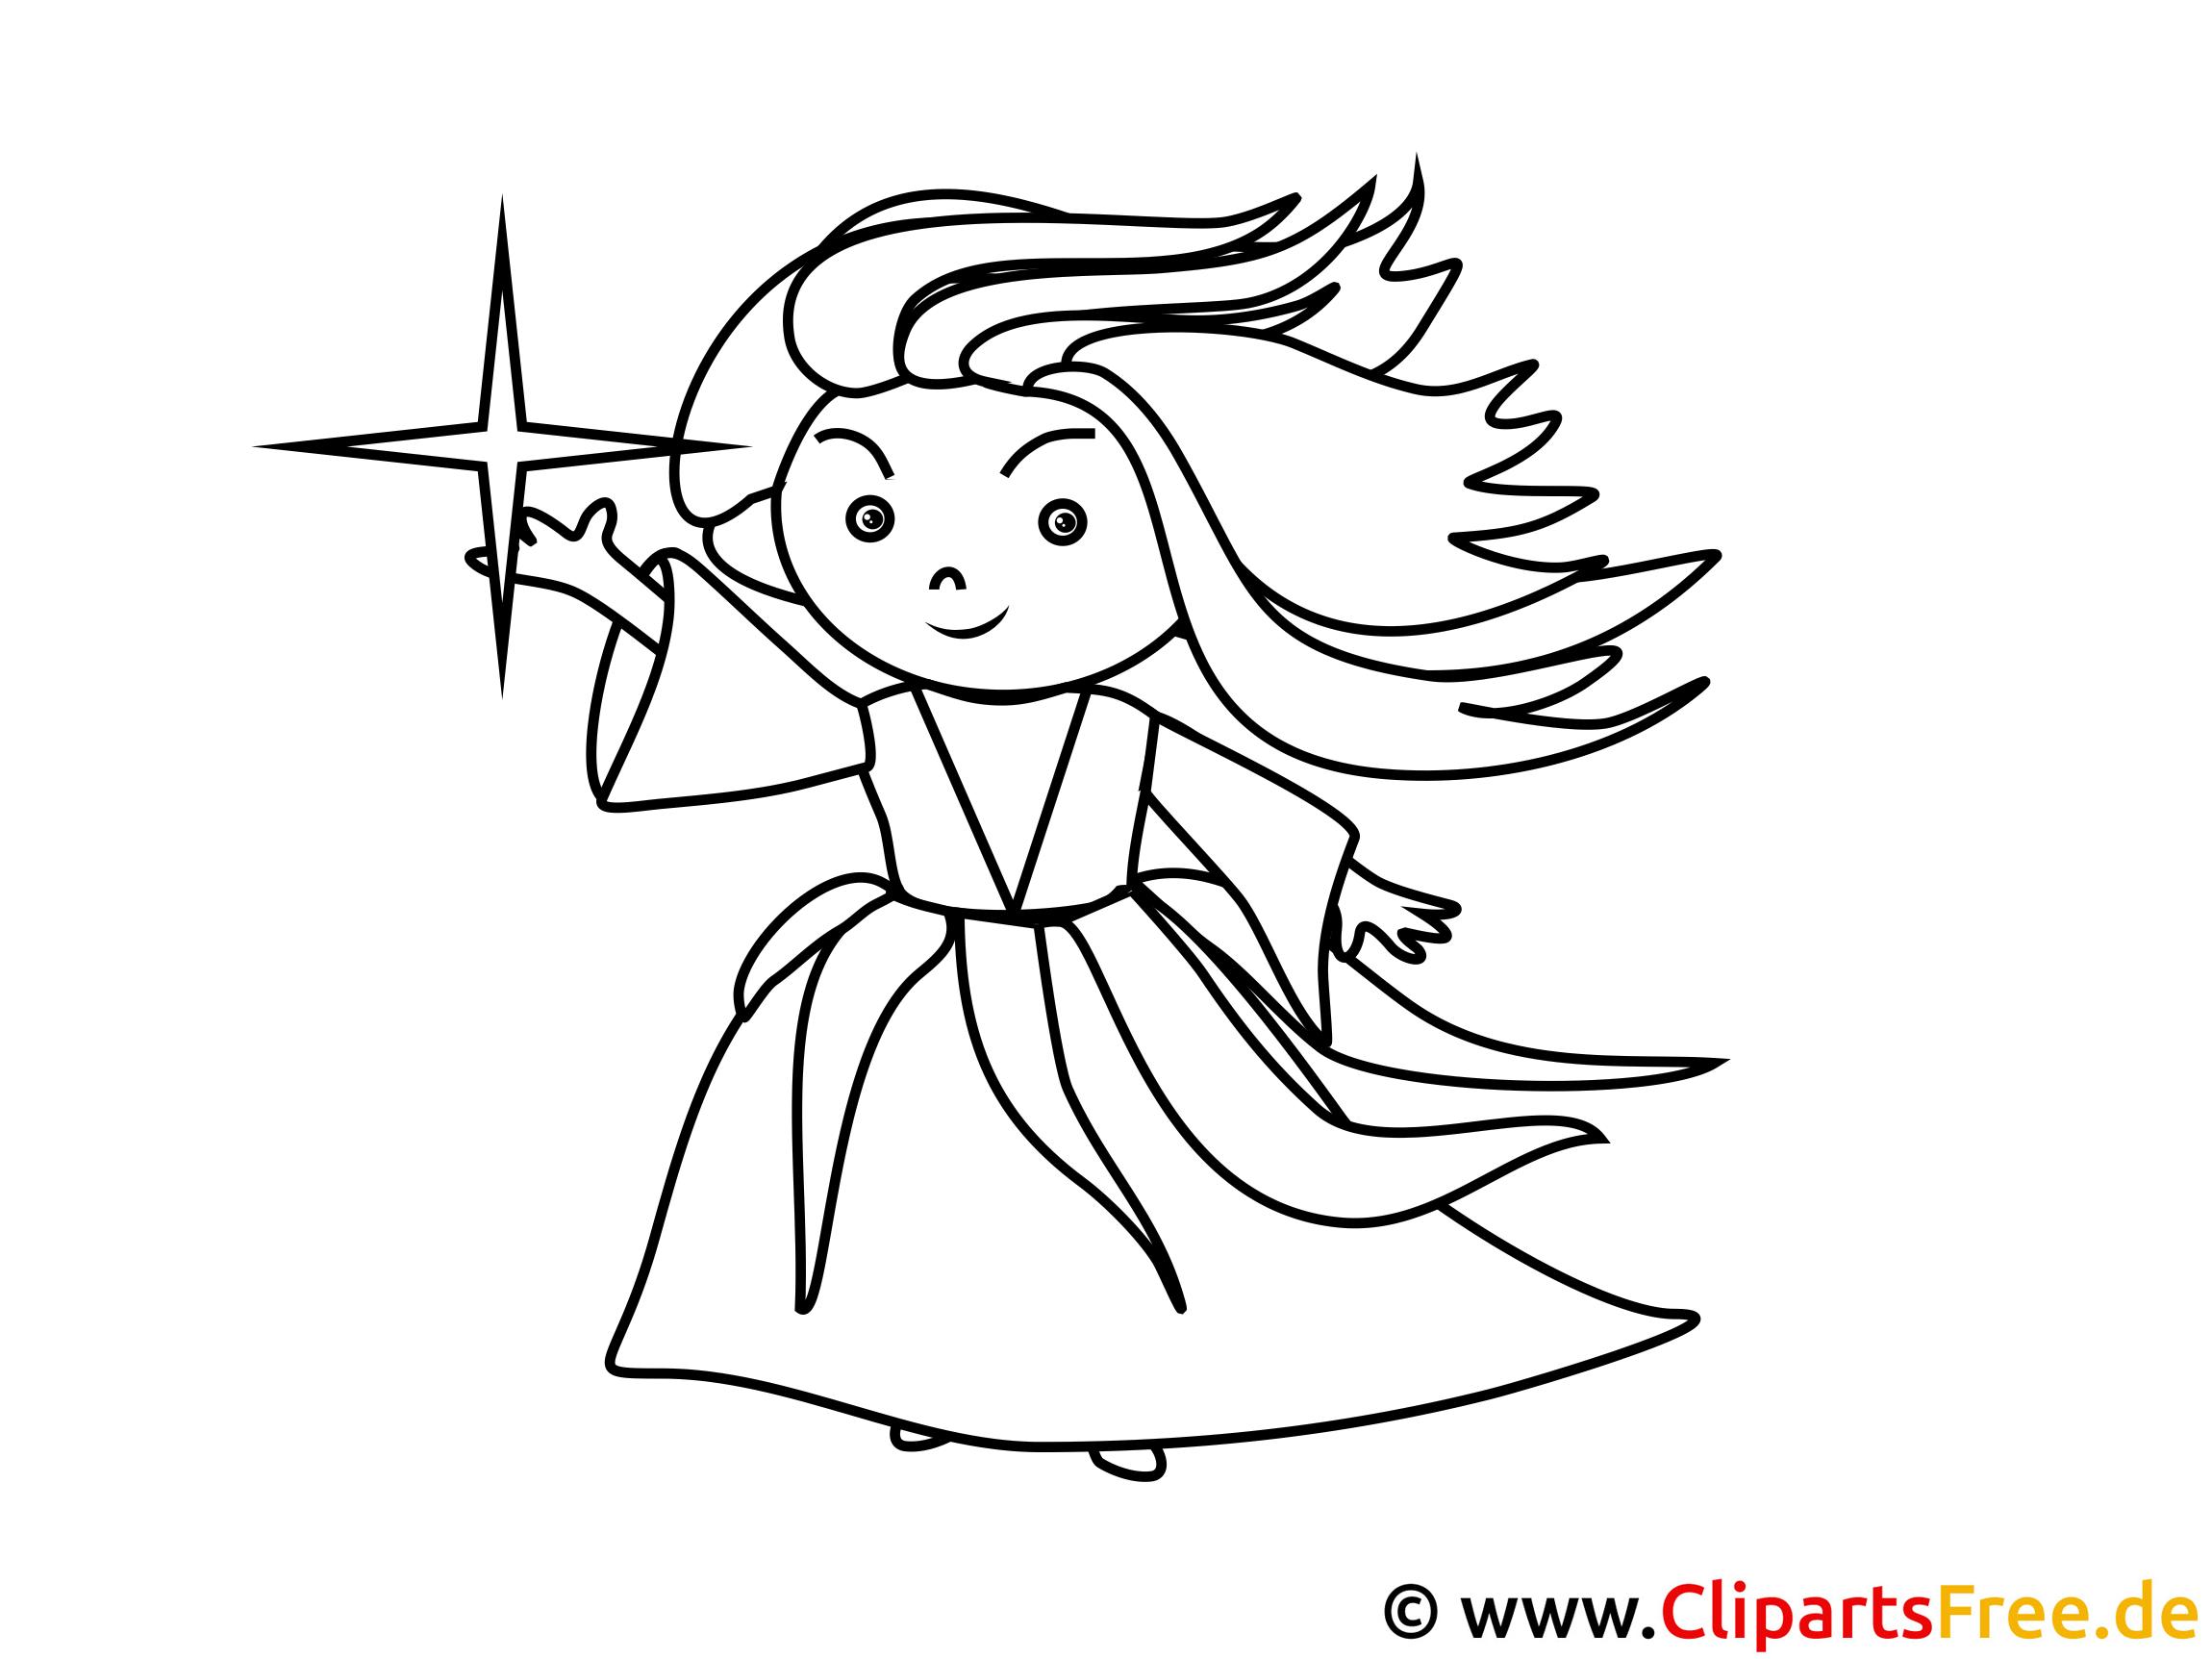 Malvorlage zum Drucken und Ausmalen - Kleine Hexe